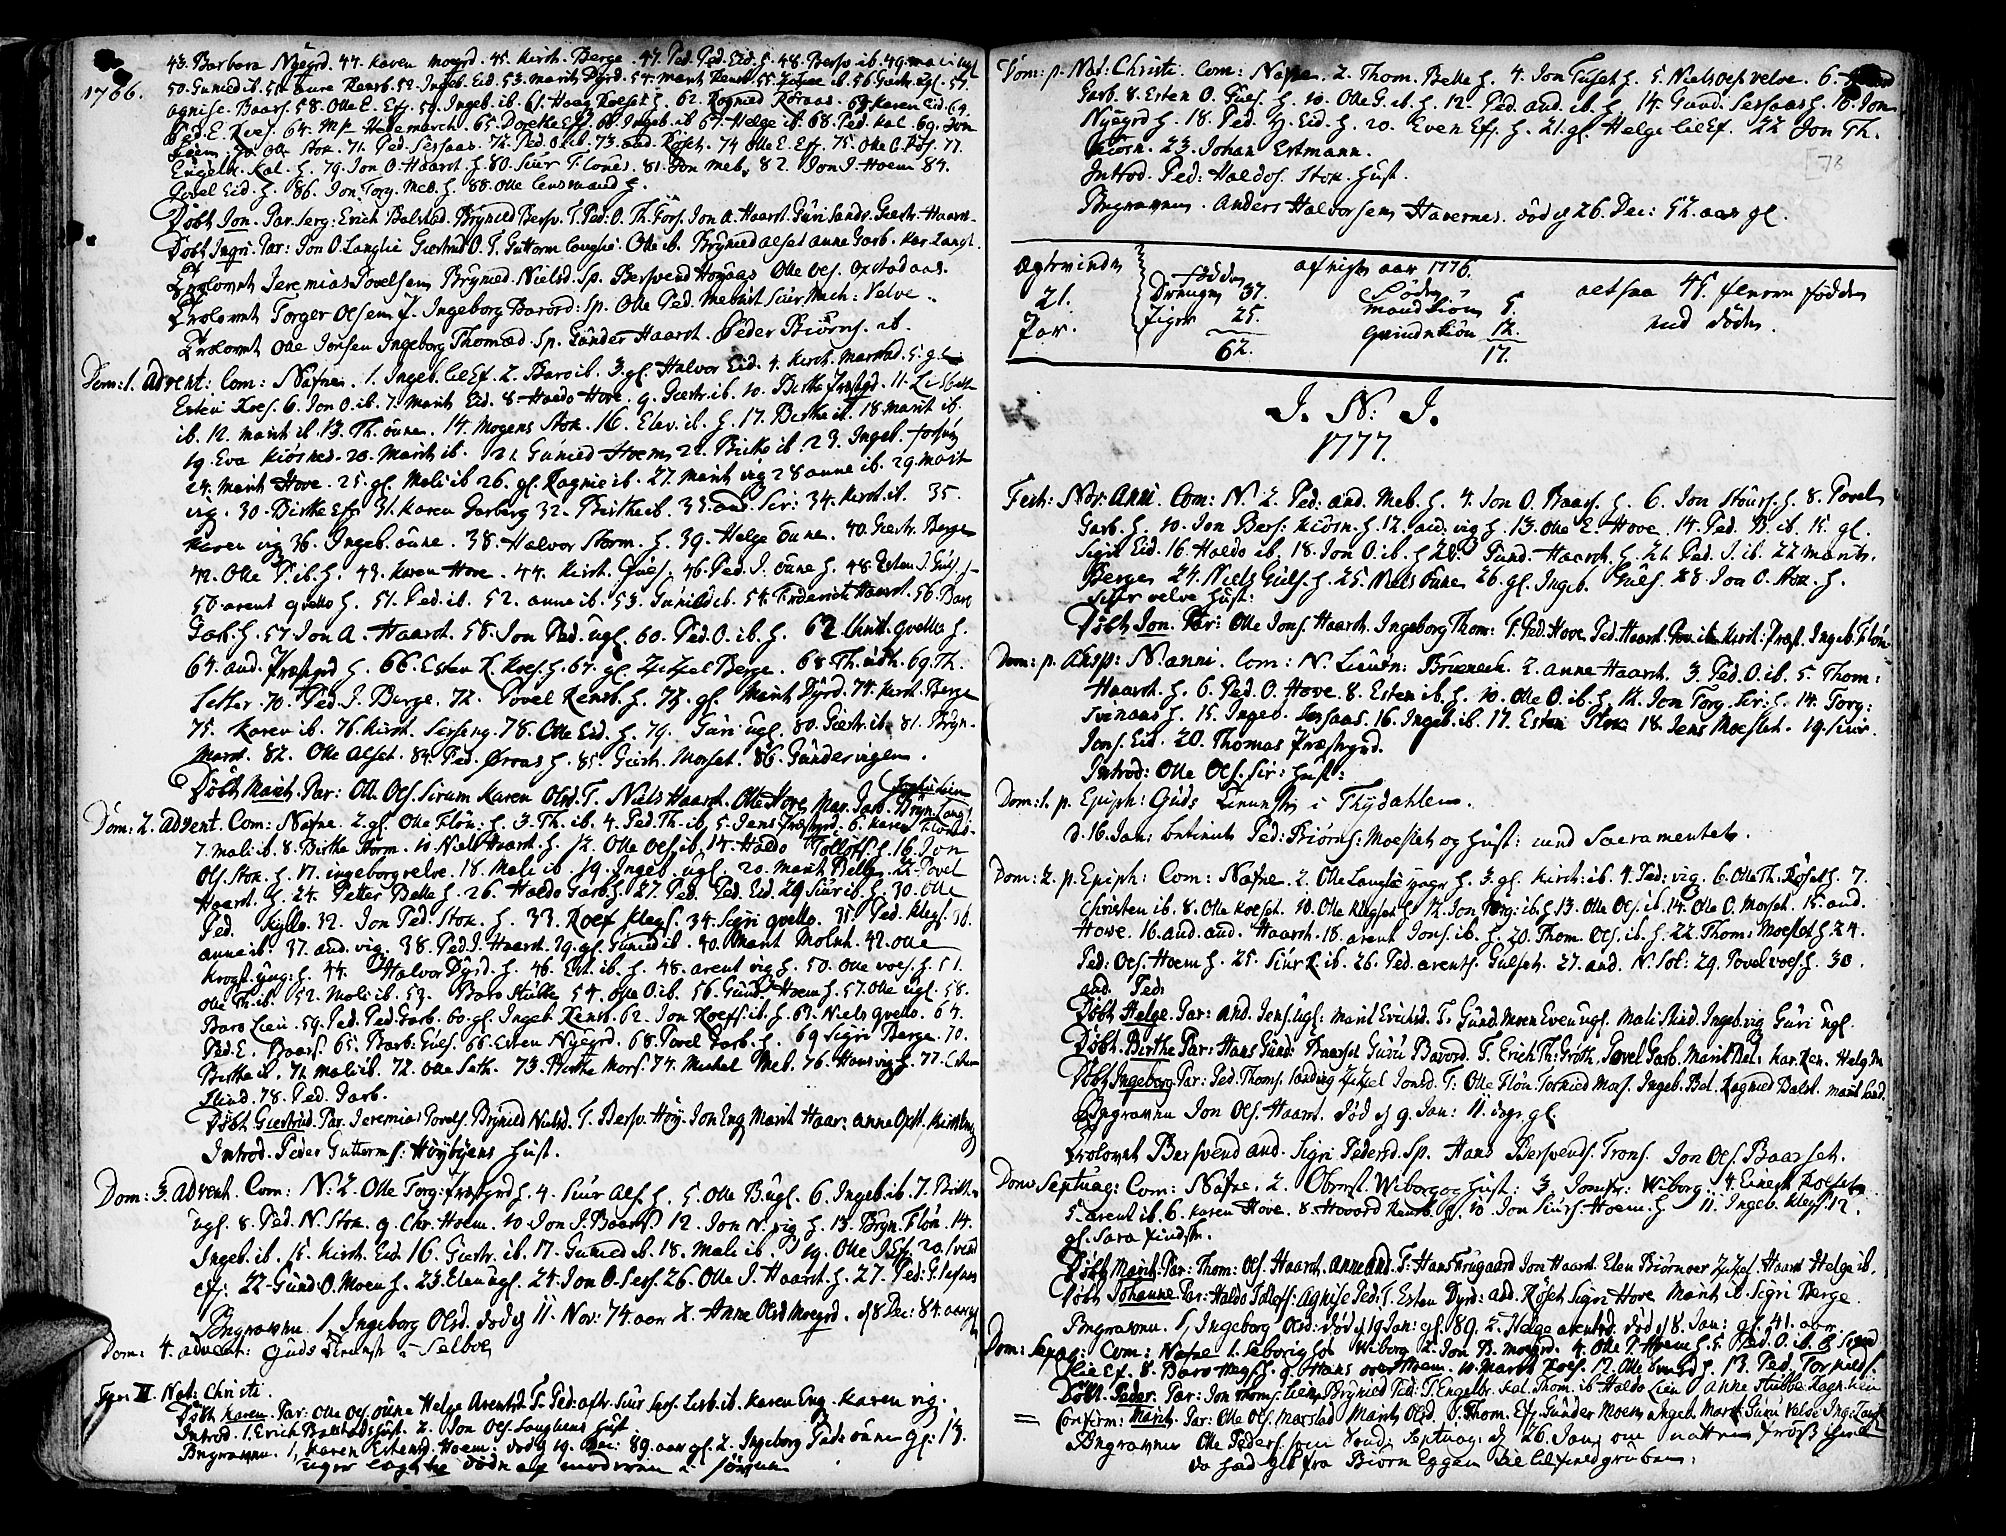 SAT, Ministerialprotokoller, klokkerbøker og fødselsregistre - Sør-Trøndelag, 695/L1138: Ministerialbok nr. 695A02 /1, 1757-1801, s. 78